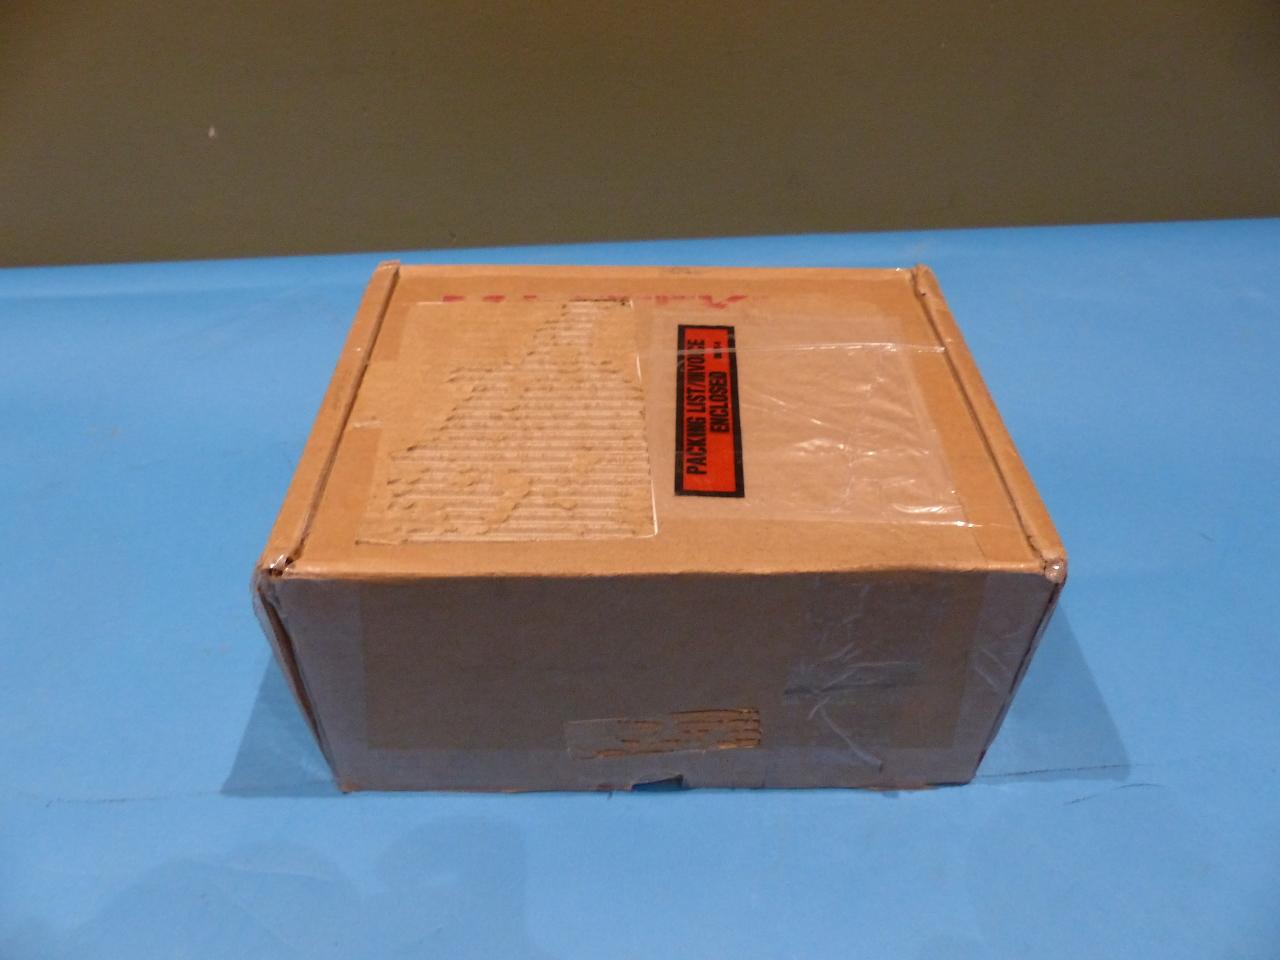 MAGTEK 22551002 MICRSAFE MICR USB CHECK POS SCANNER